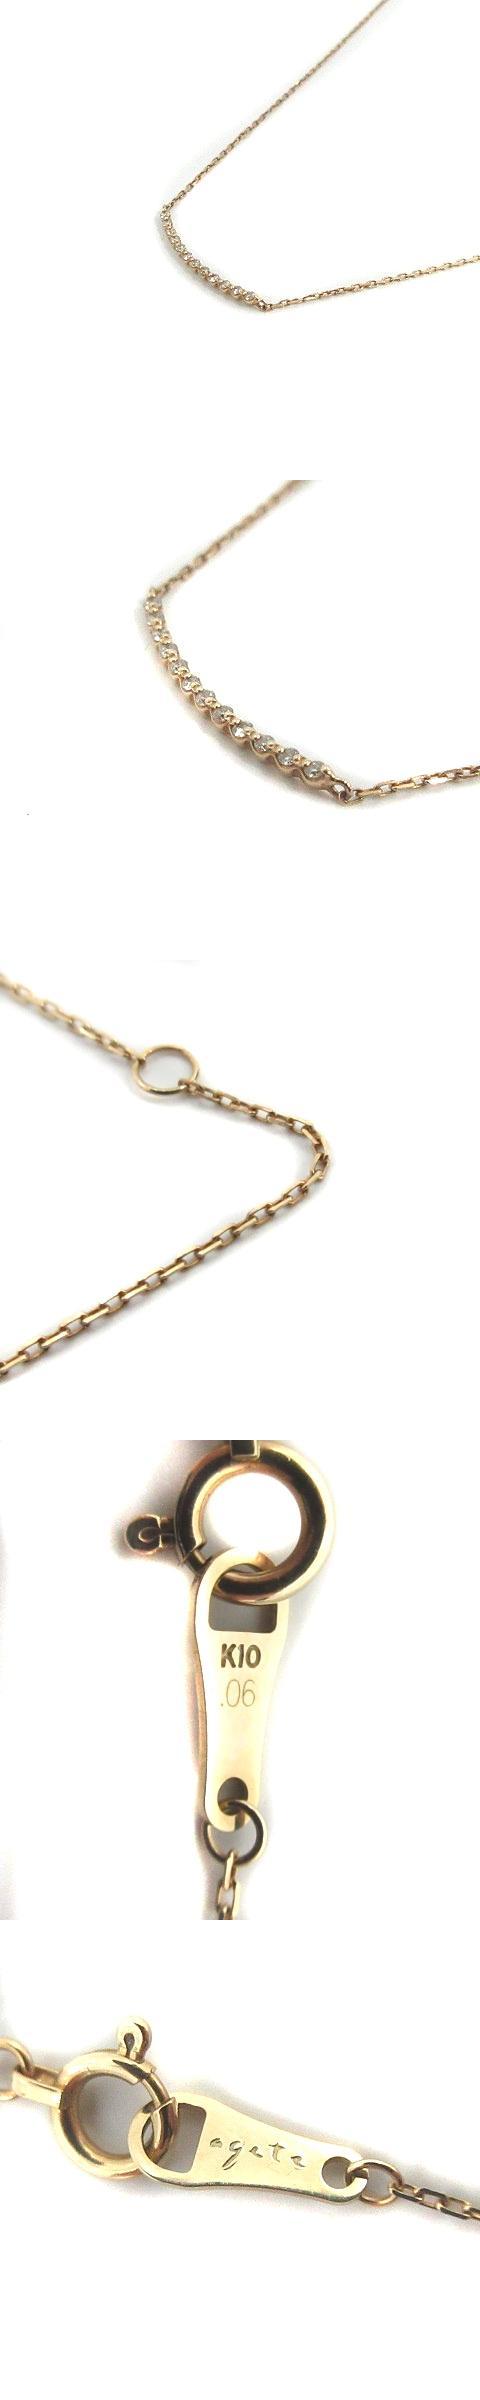 ネックレス ペンダント ダイヤモンド0.06ct K10 イエローゴールド /KS22